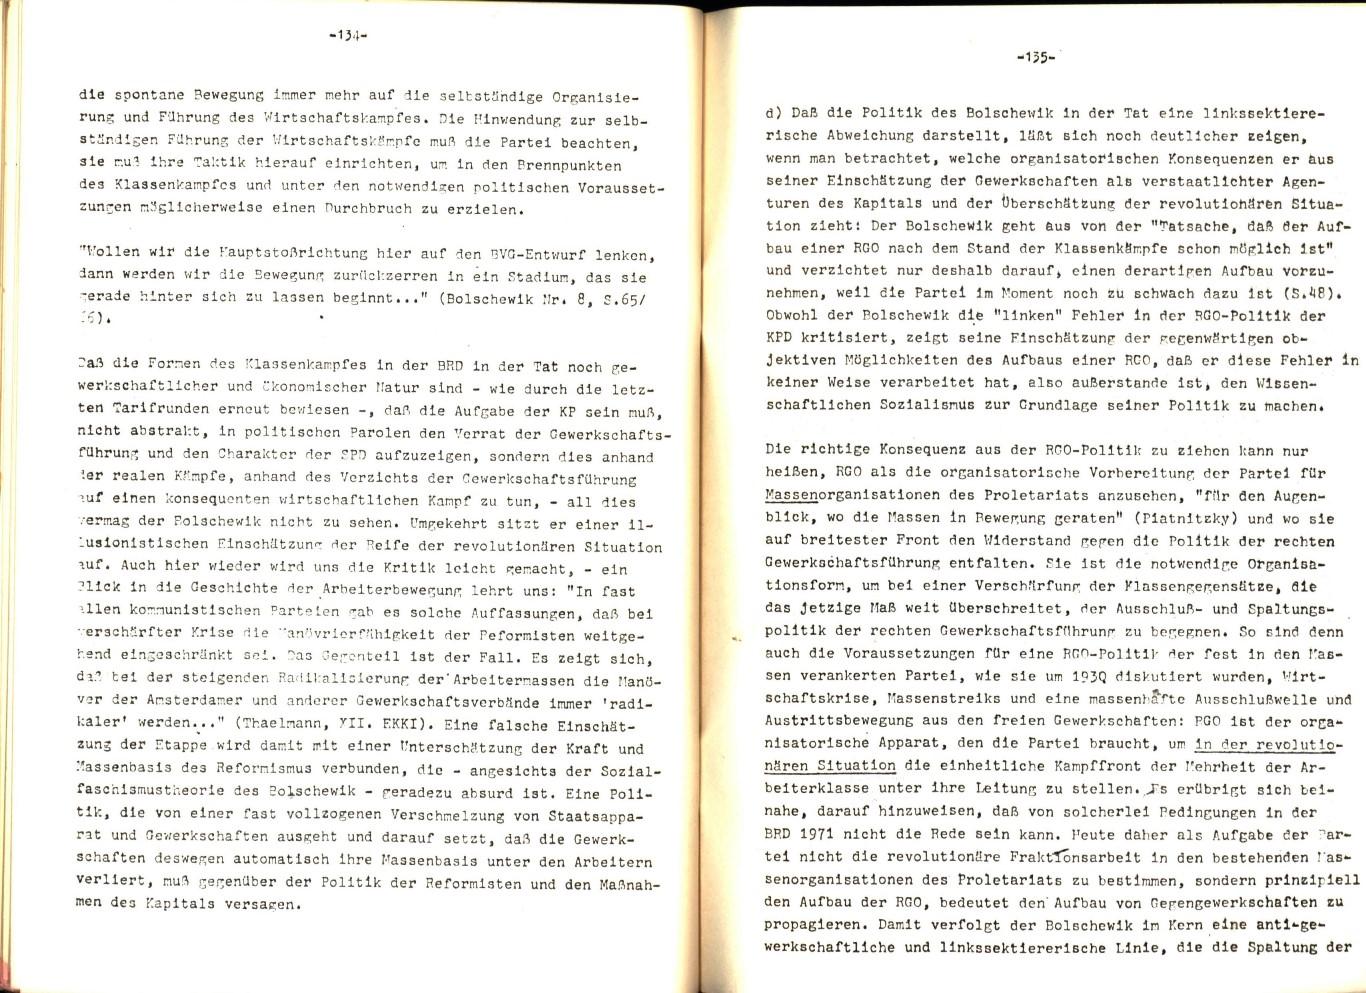 PLPI_1971_Aufloesung_70